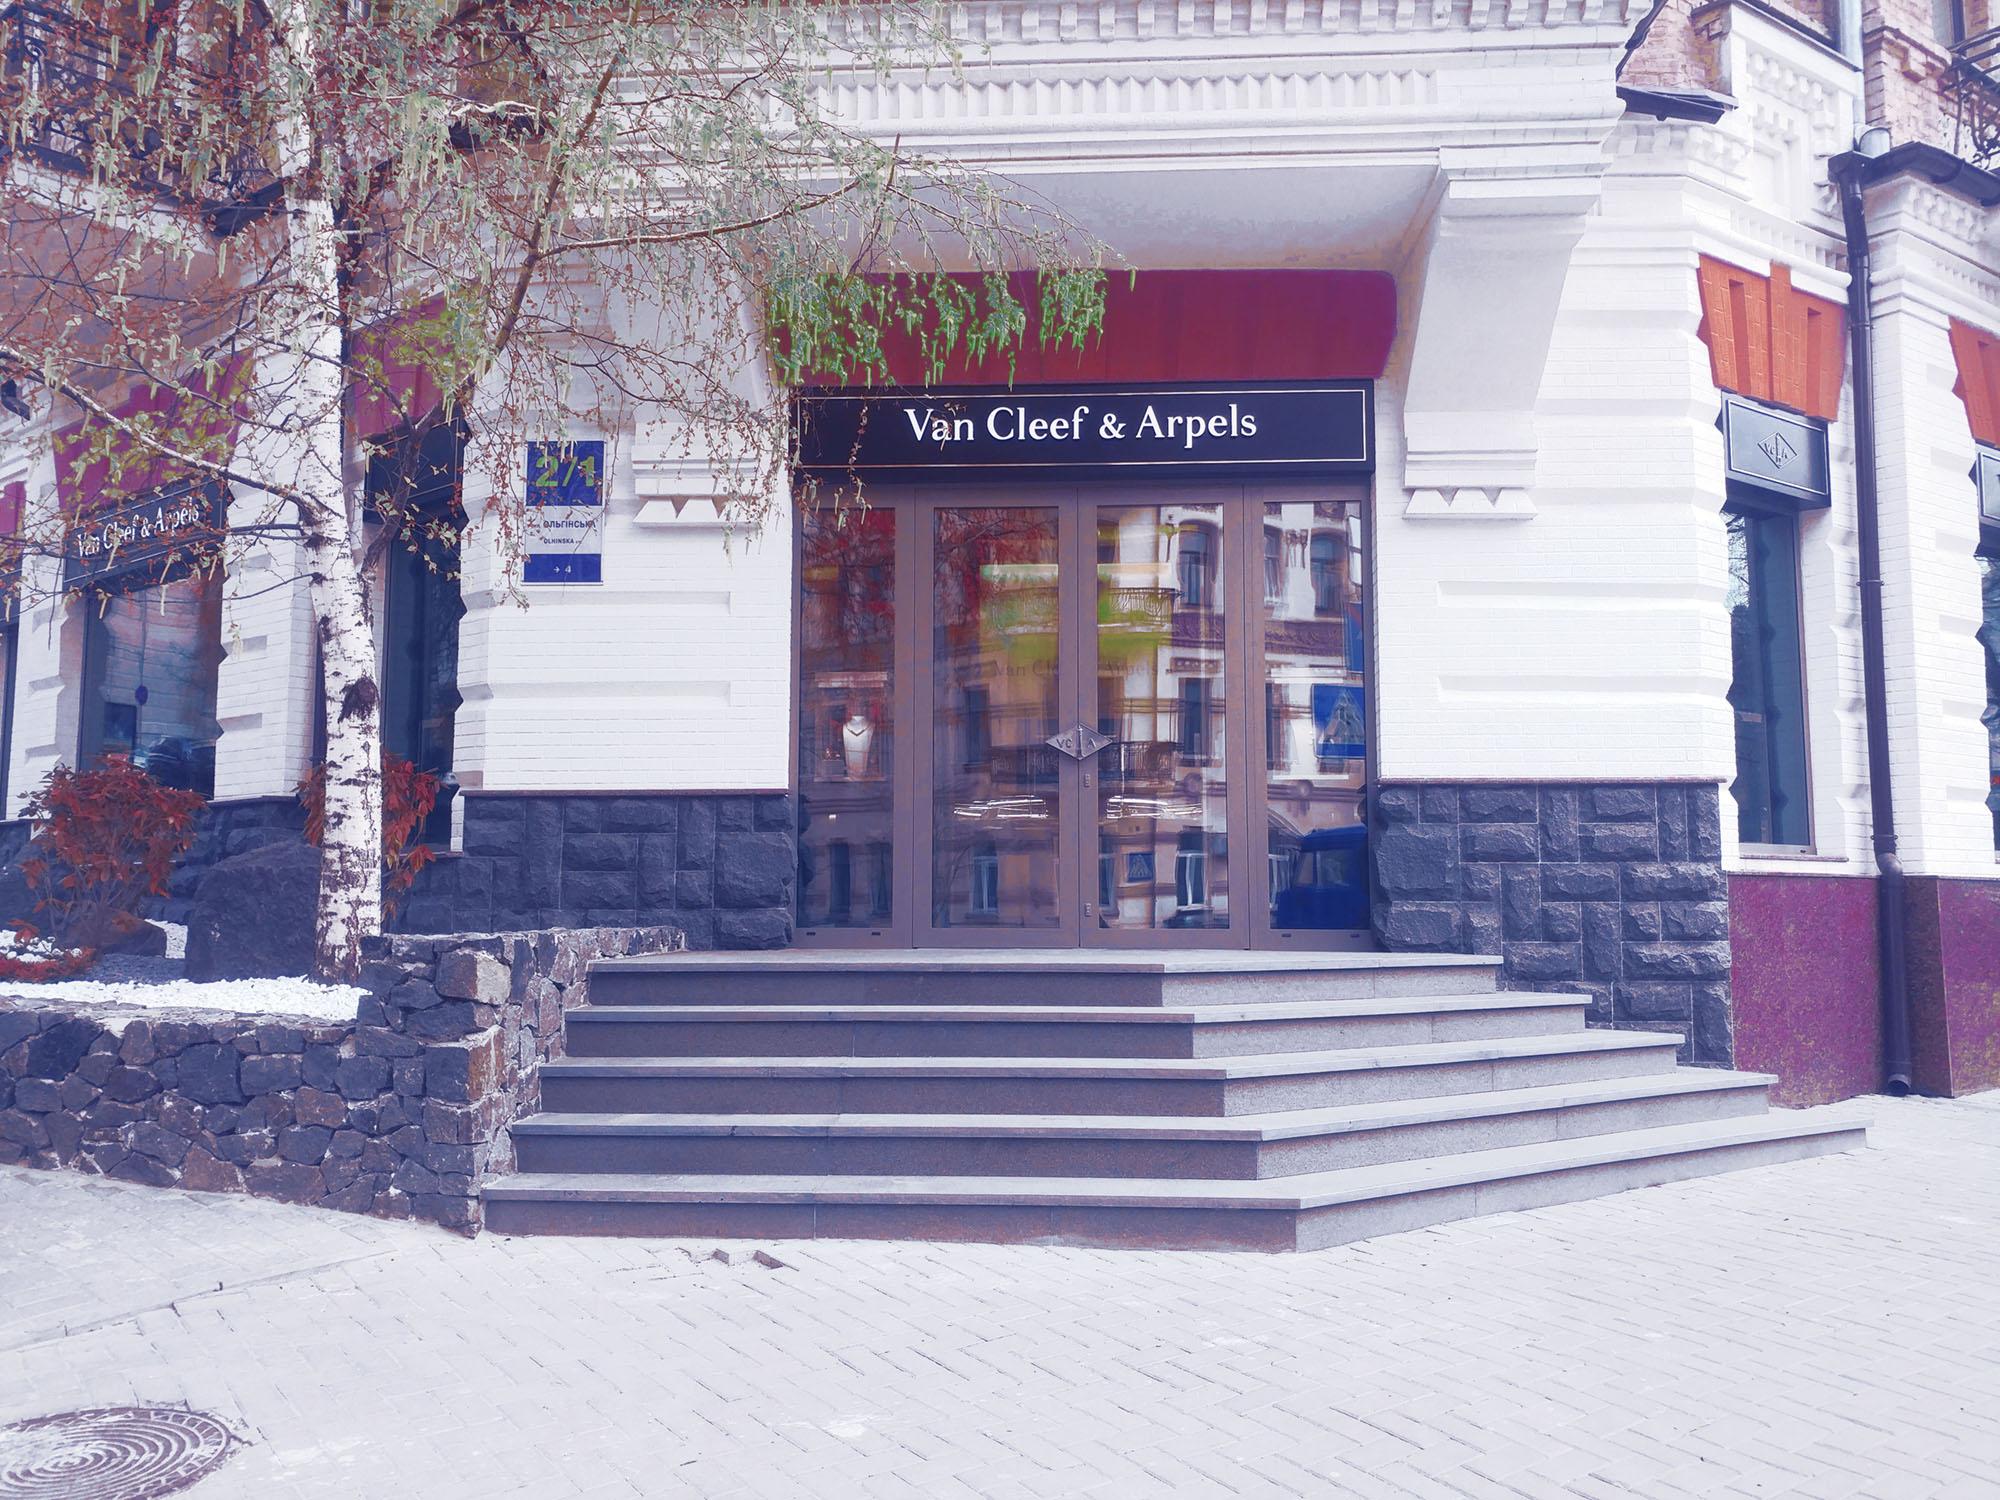 монтаж системы вентиляции и кондиционирования магазина бутика, г.Киев Украина